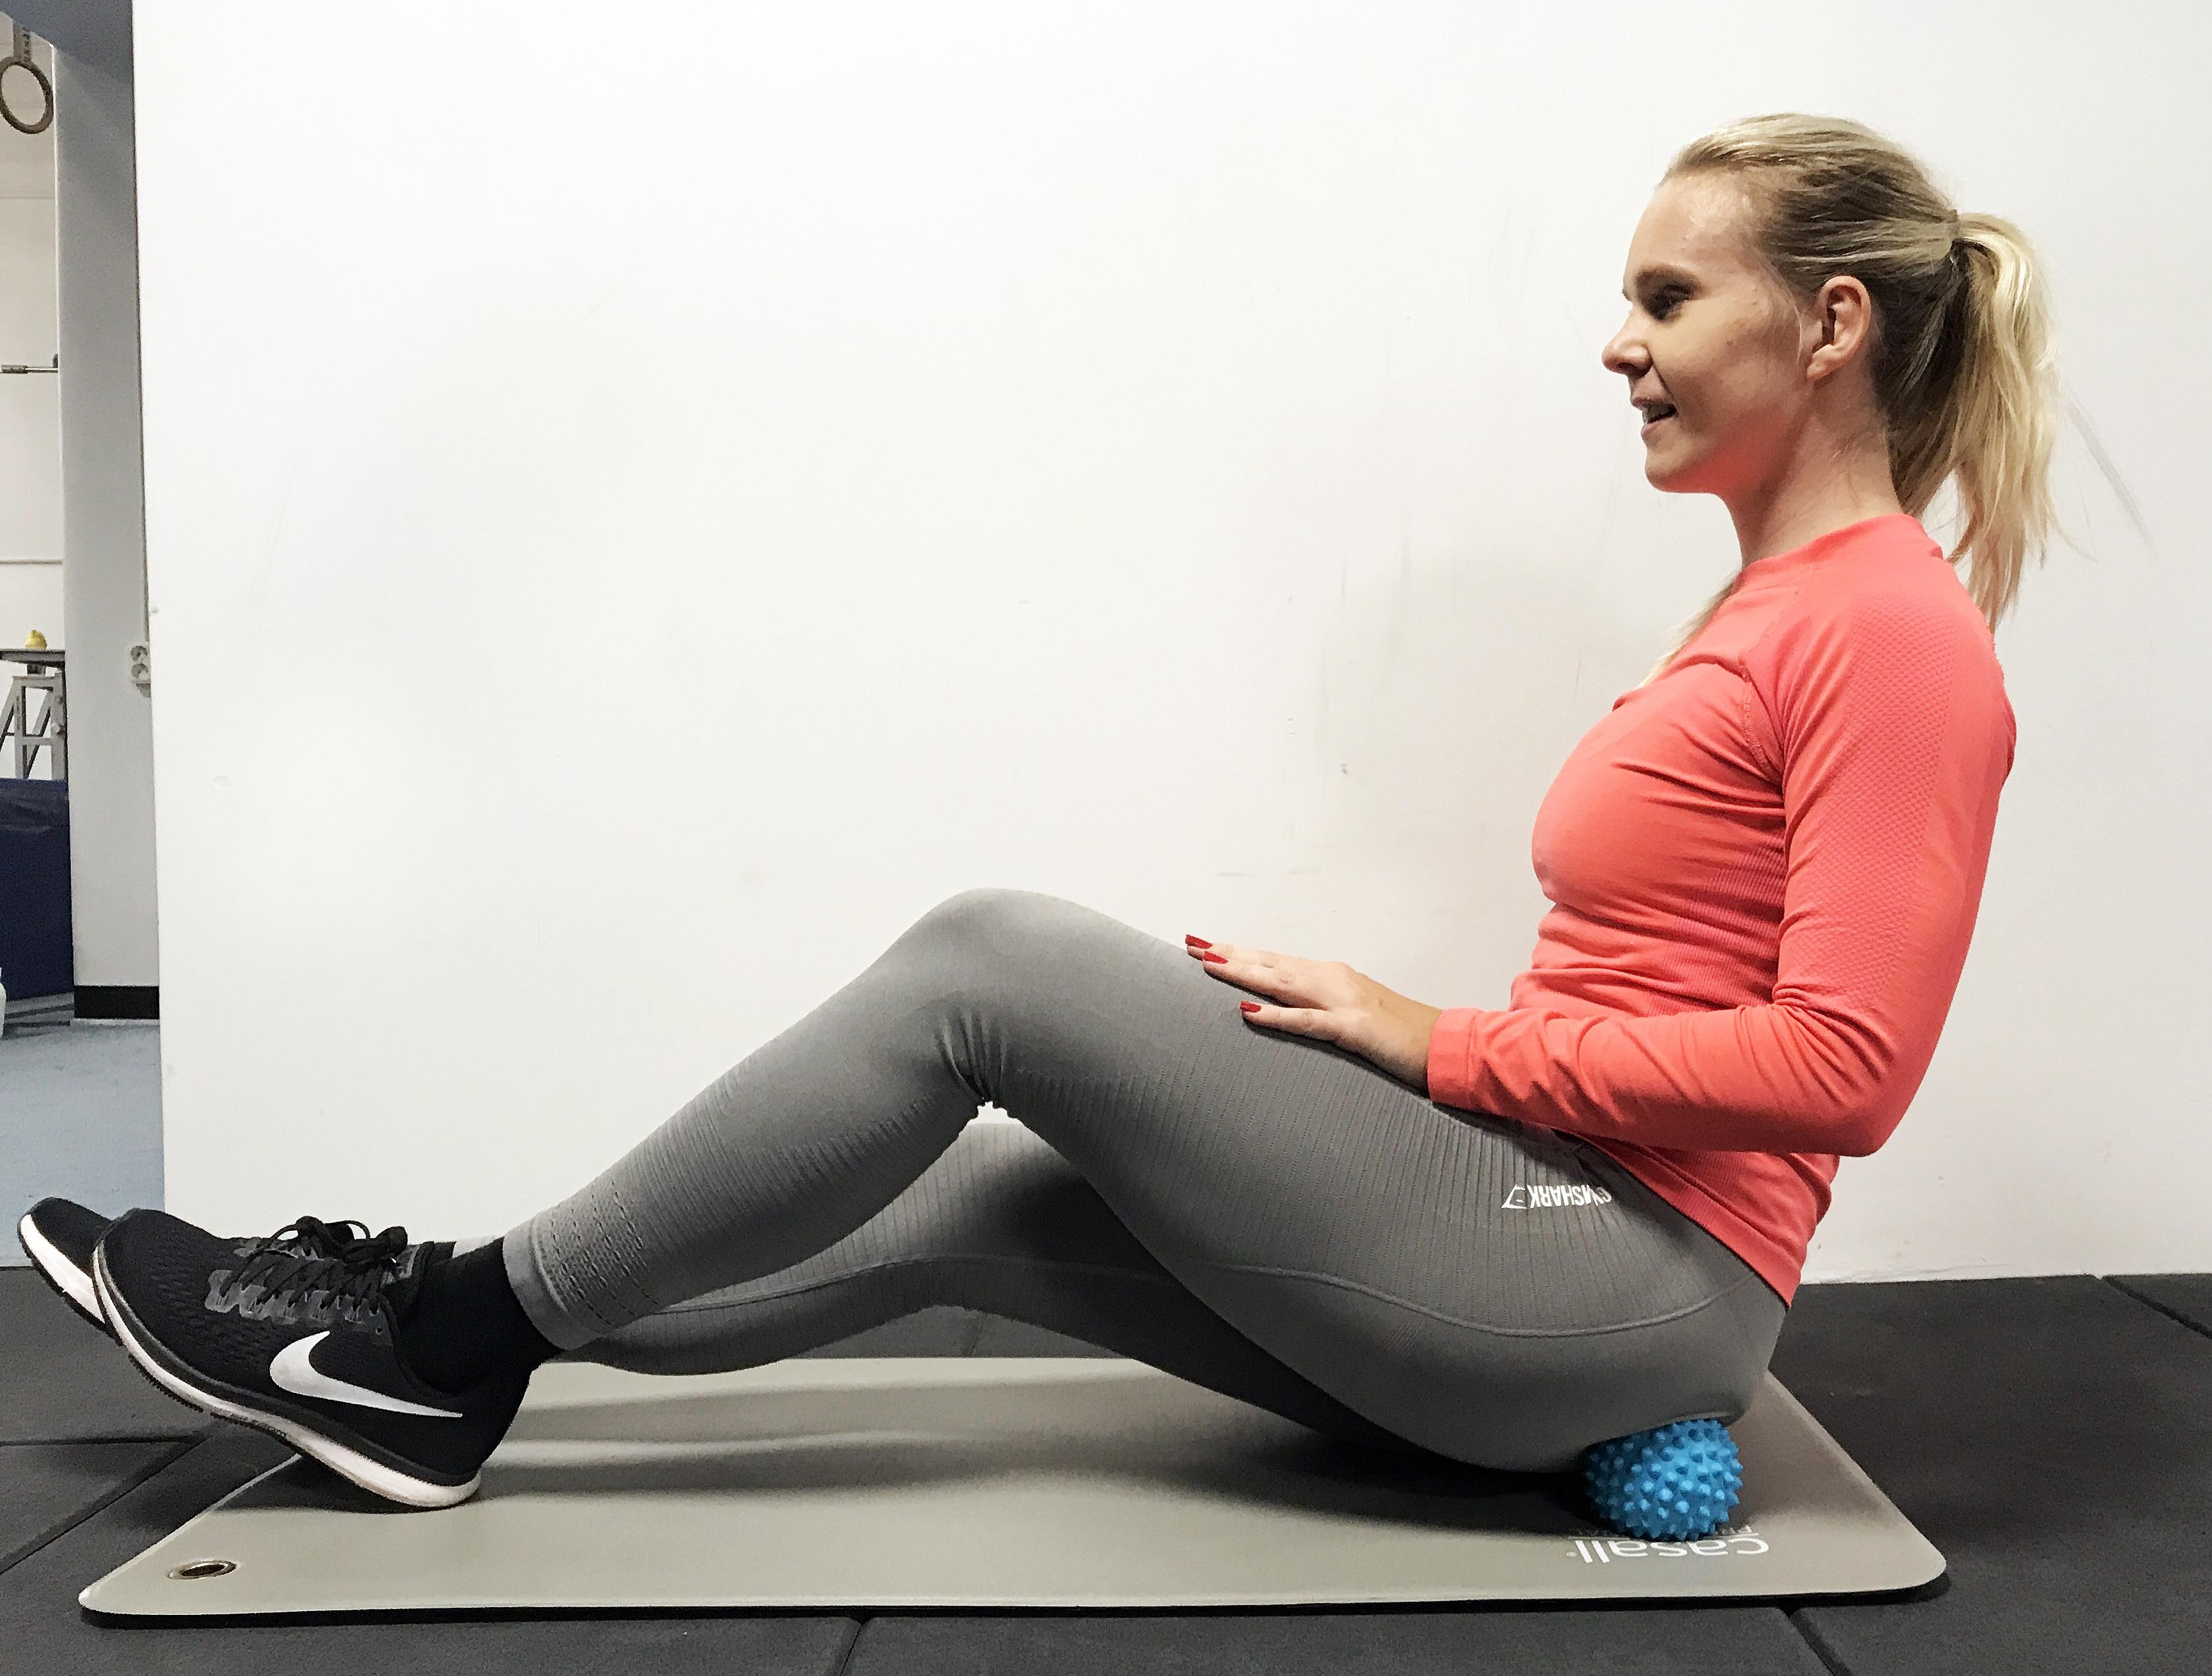 Massagebollar träningsvärk trigger point boll